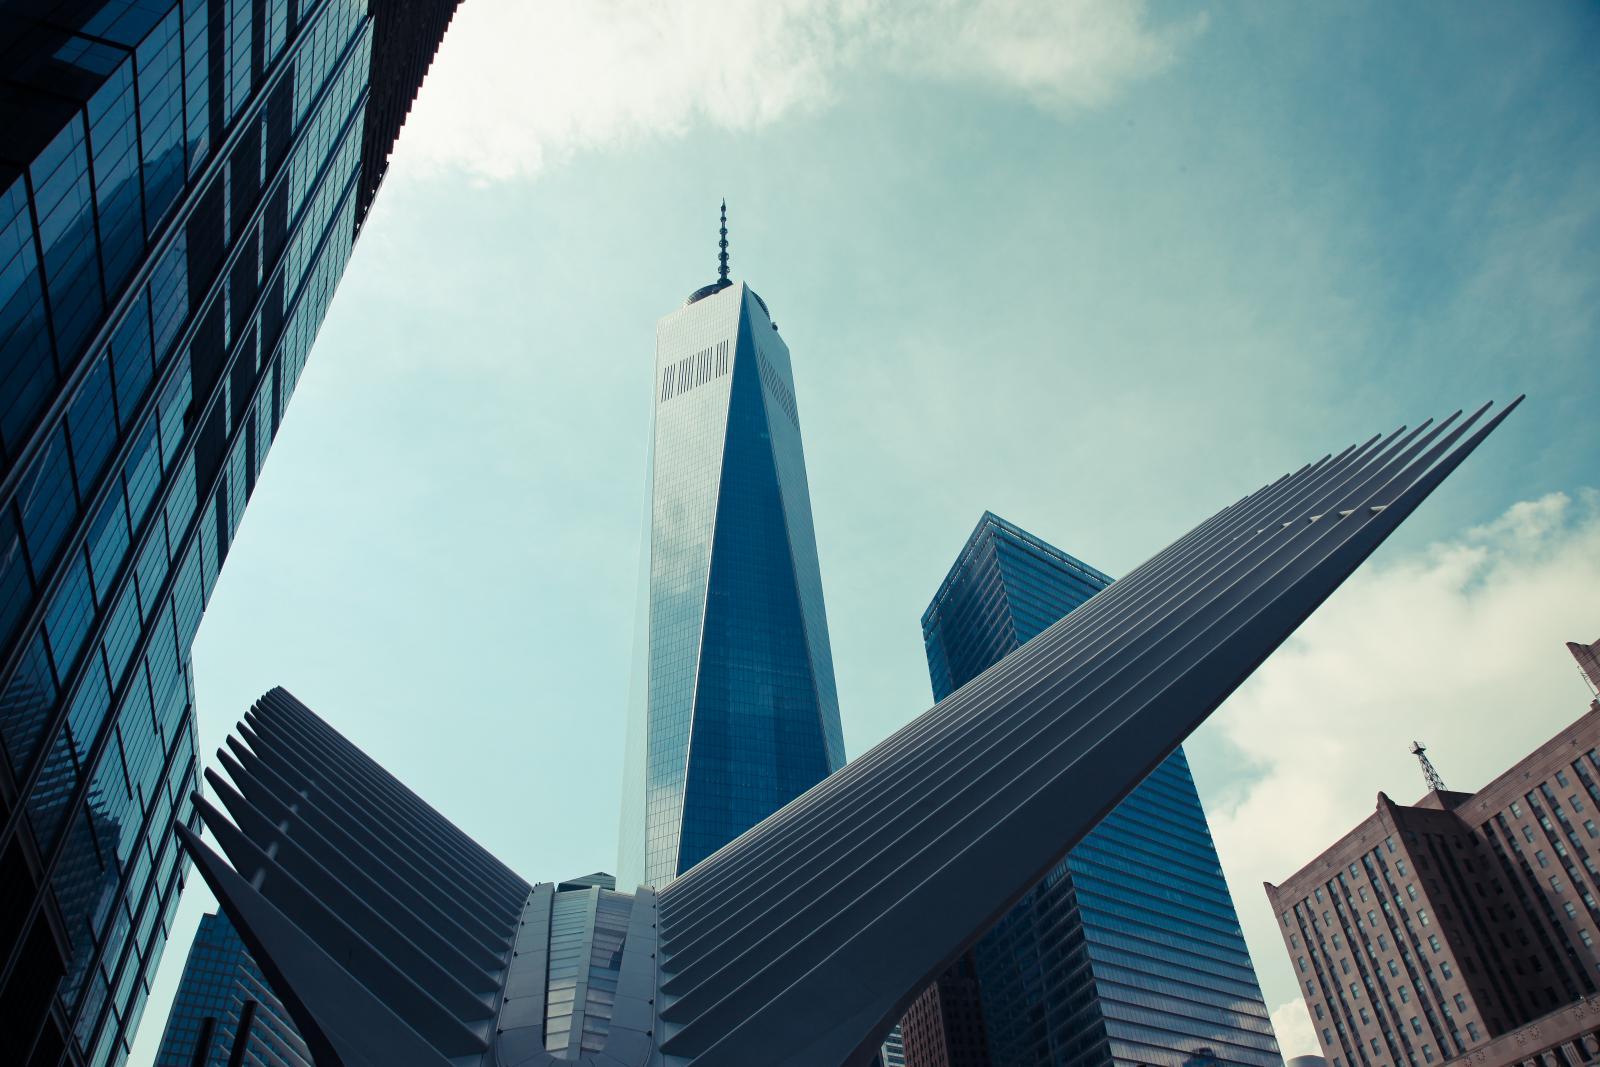 El One World Trade center frente a Oculus